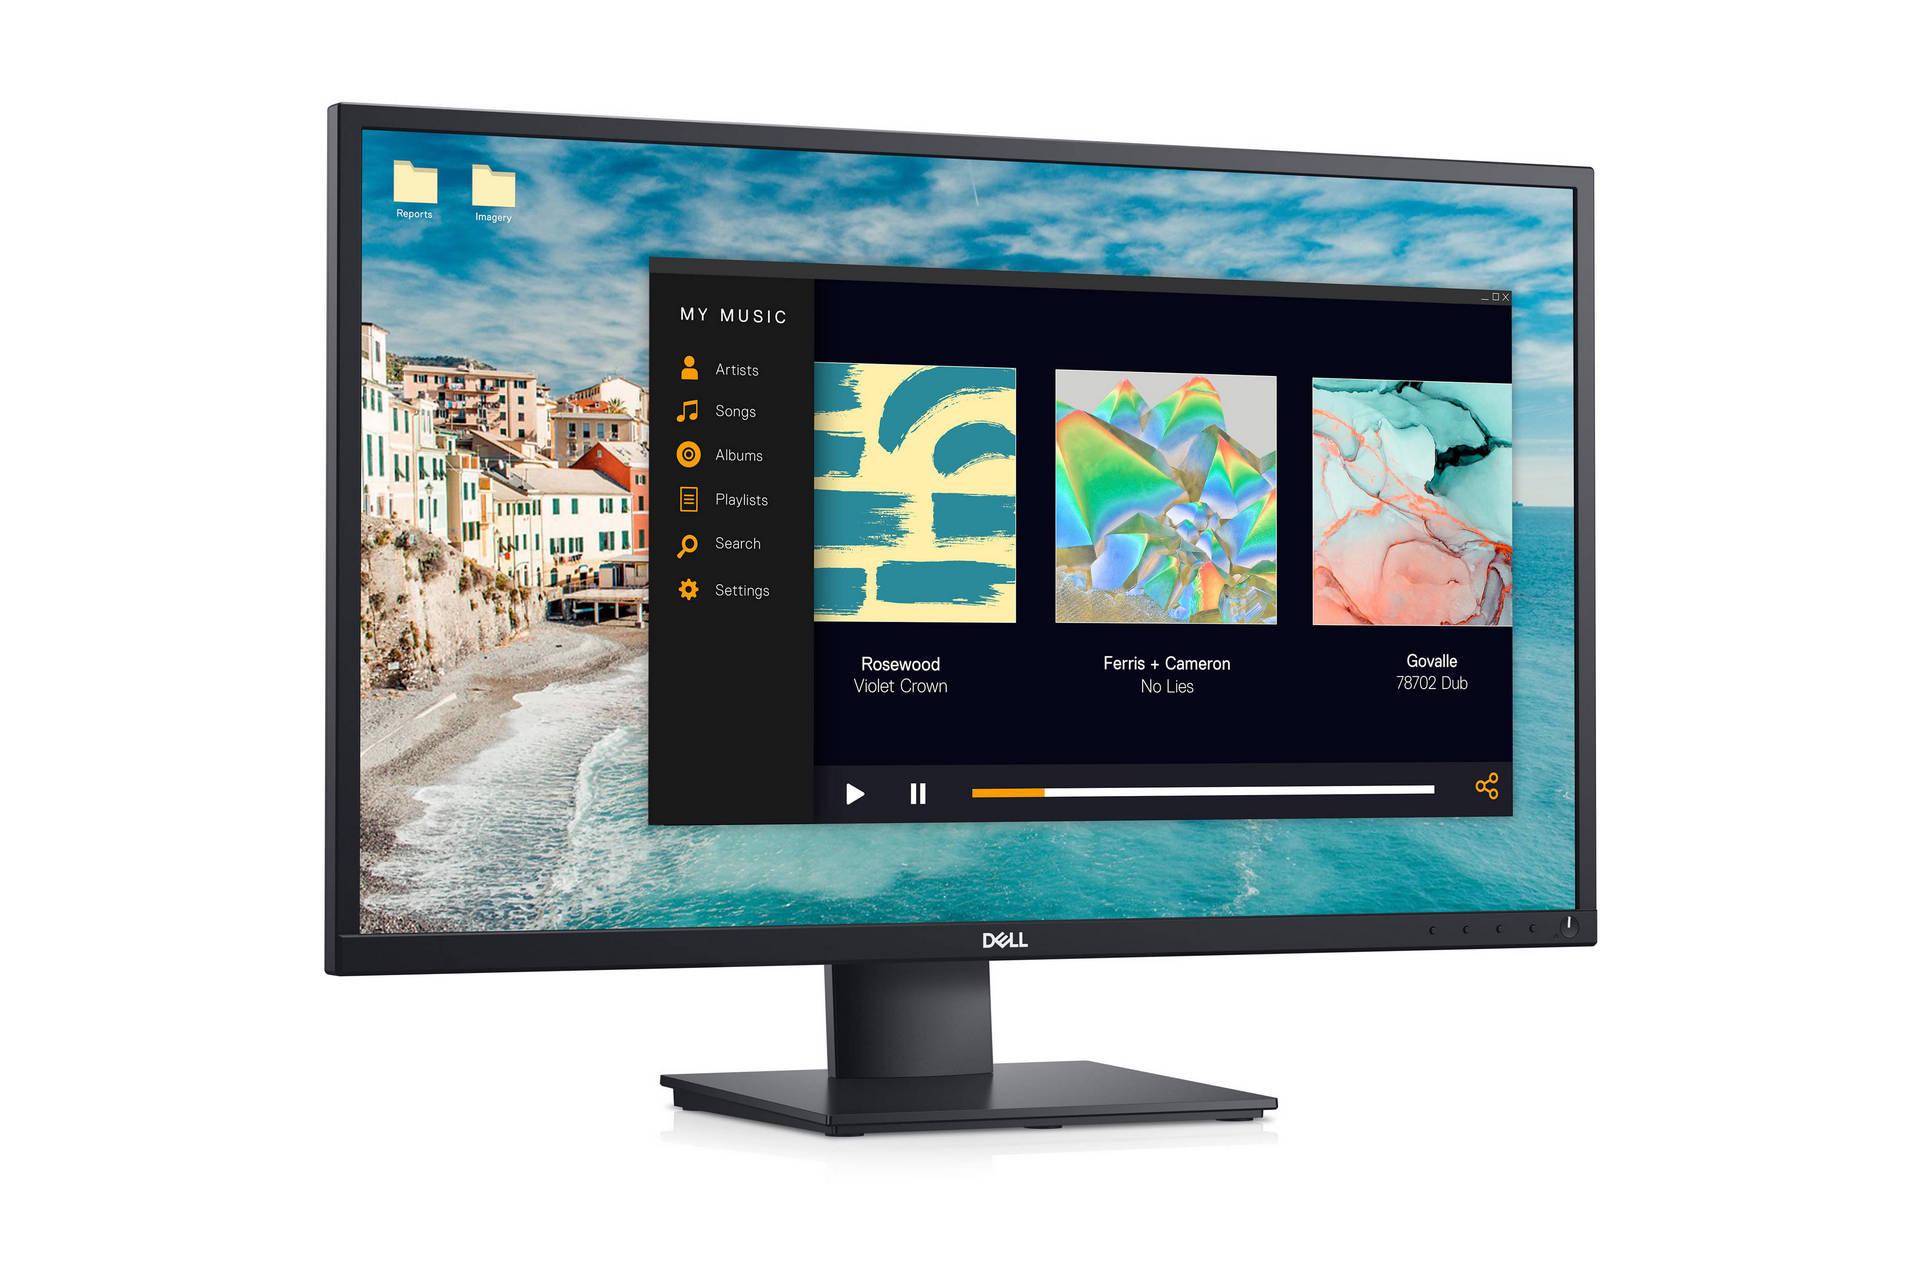 Màn hình Vi Tính hiệu Dell LCD E2720HS